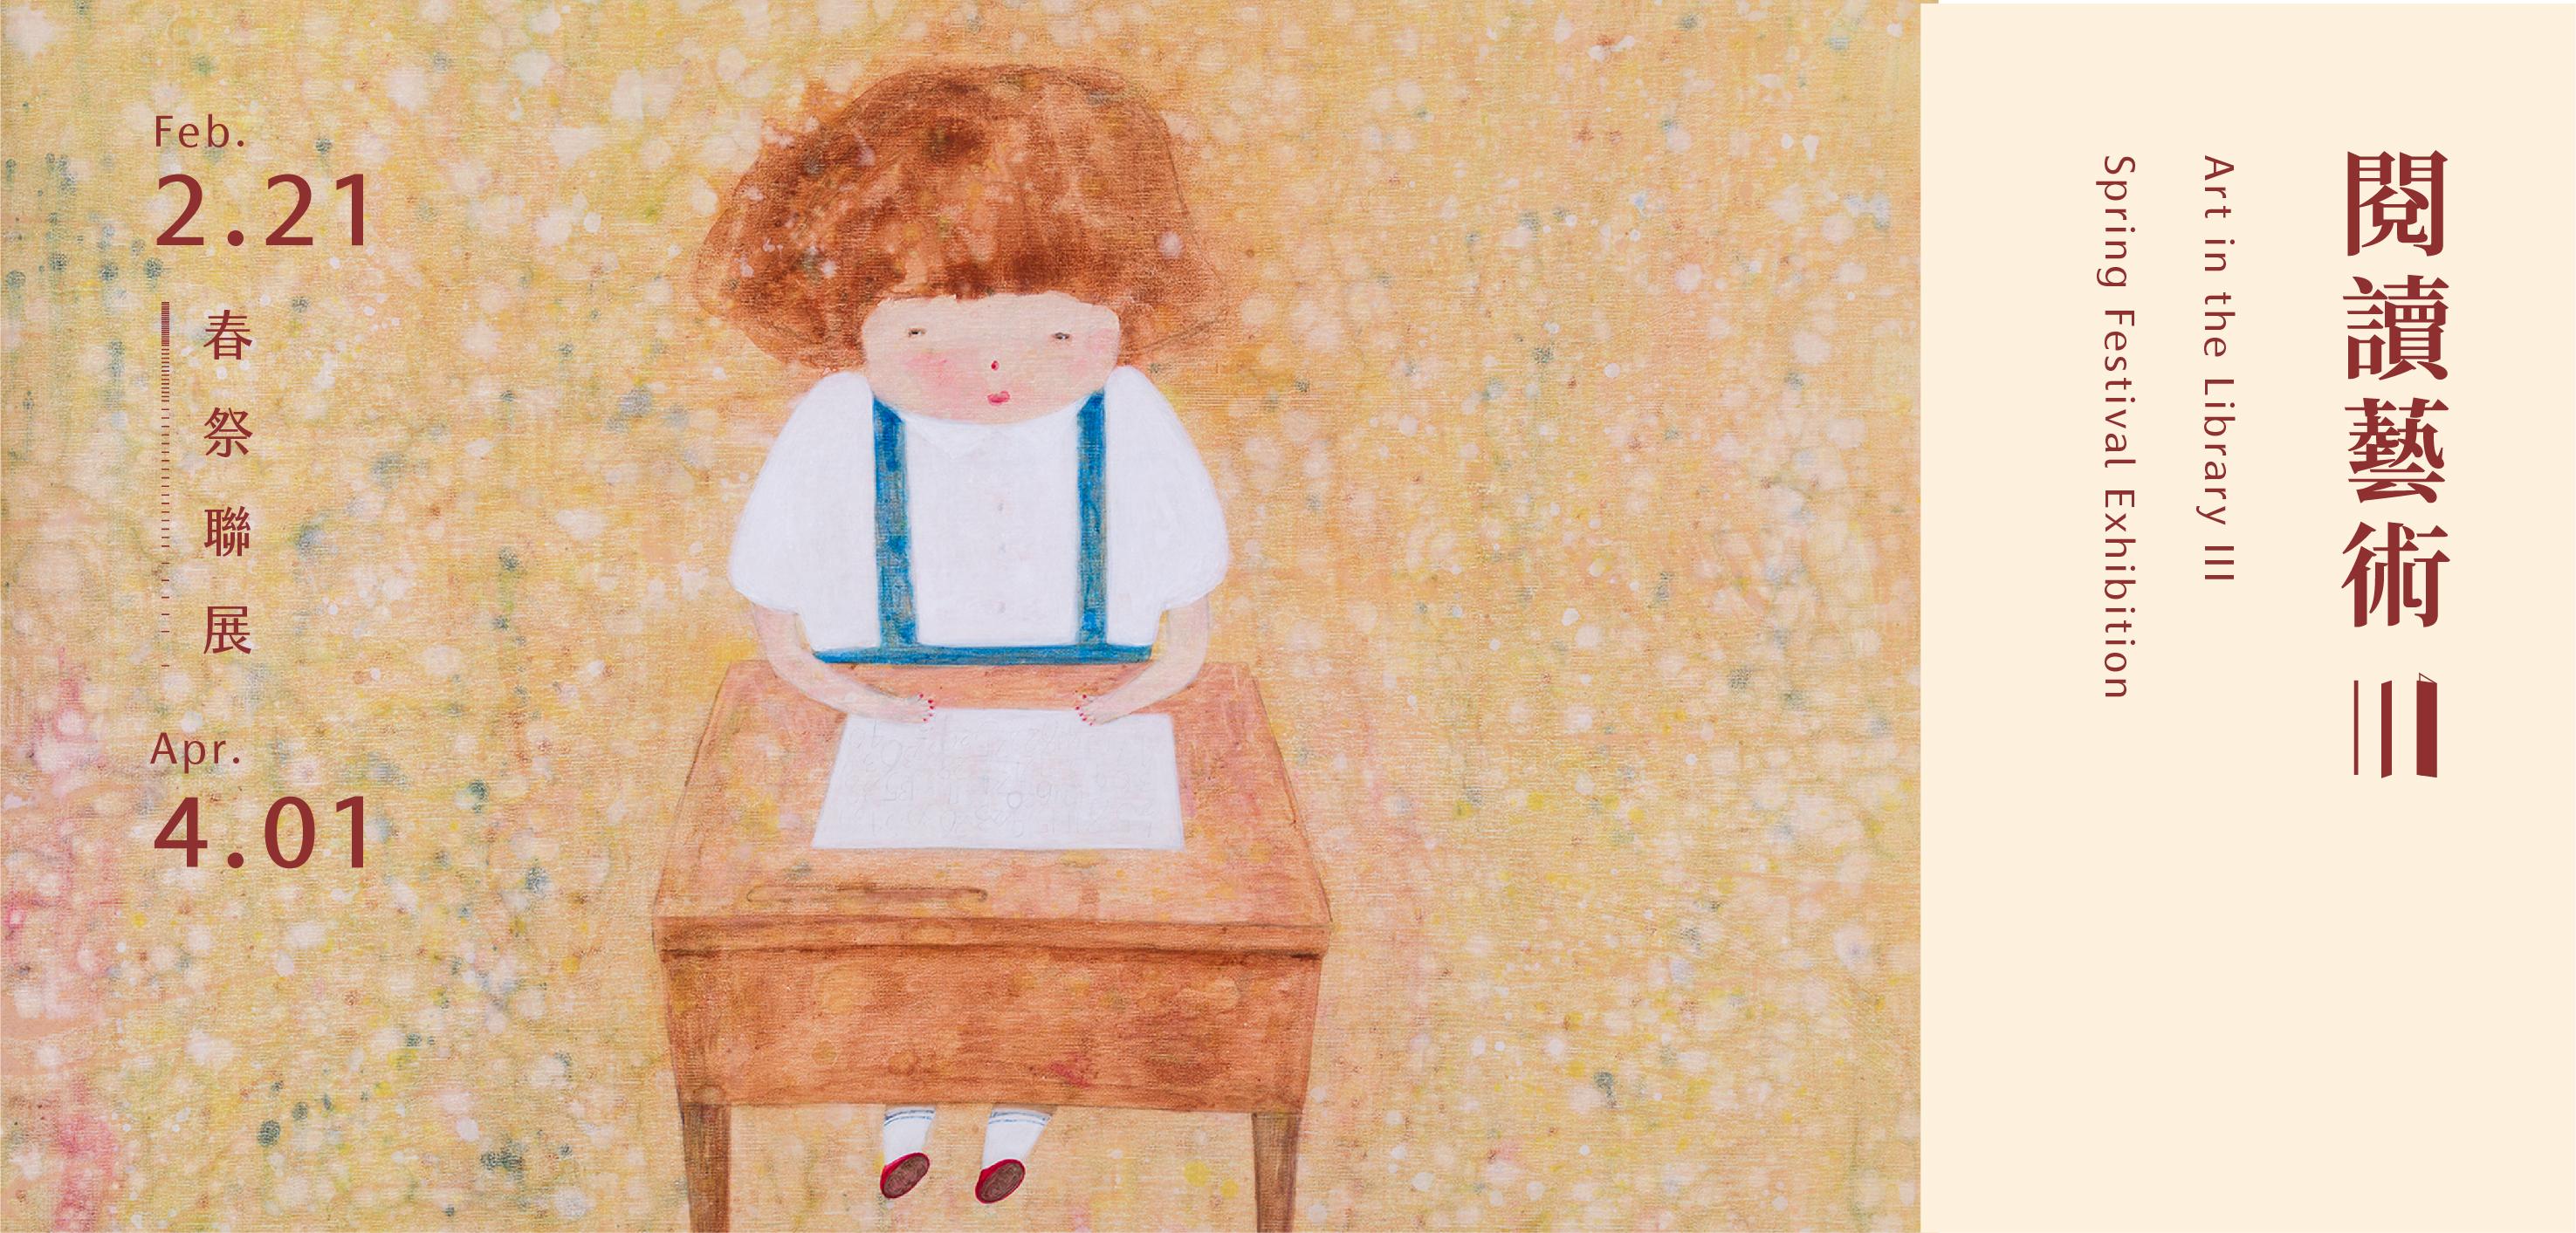 「阅读艺术III」春祭联展